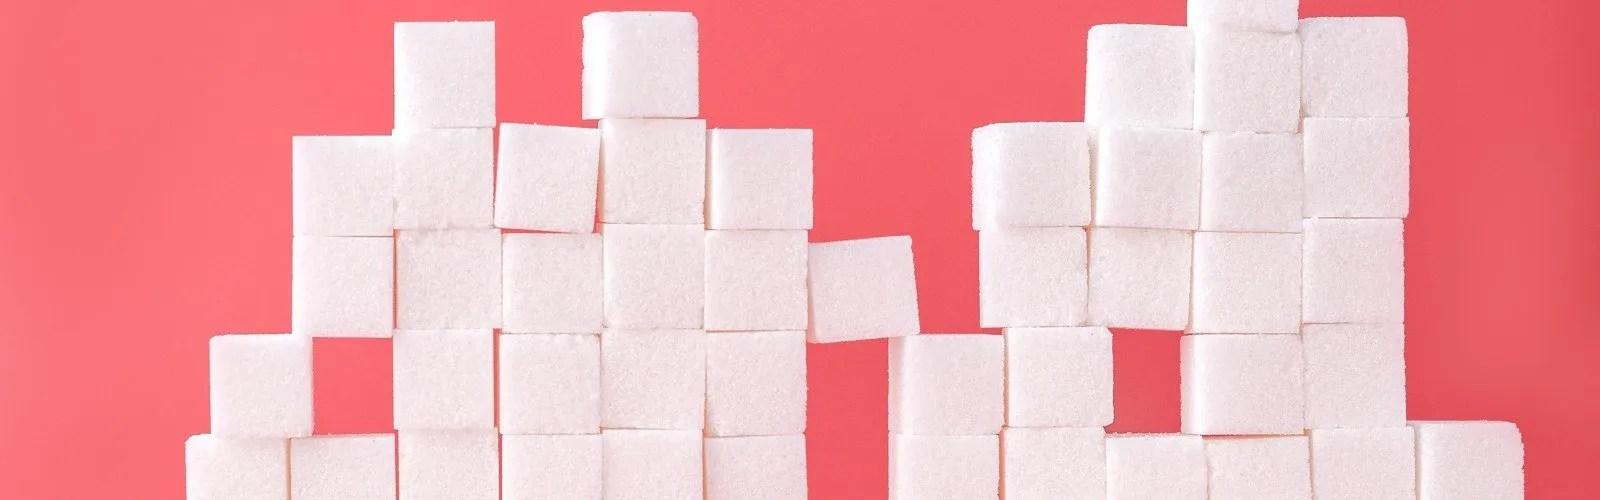 How to quit sugar - sugar cubes CREDIT Mae Mu-Unsplash